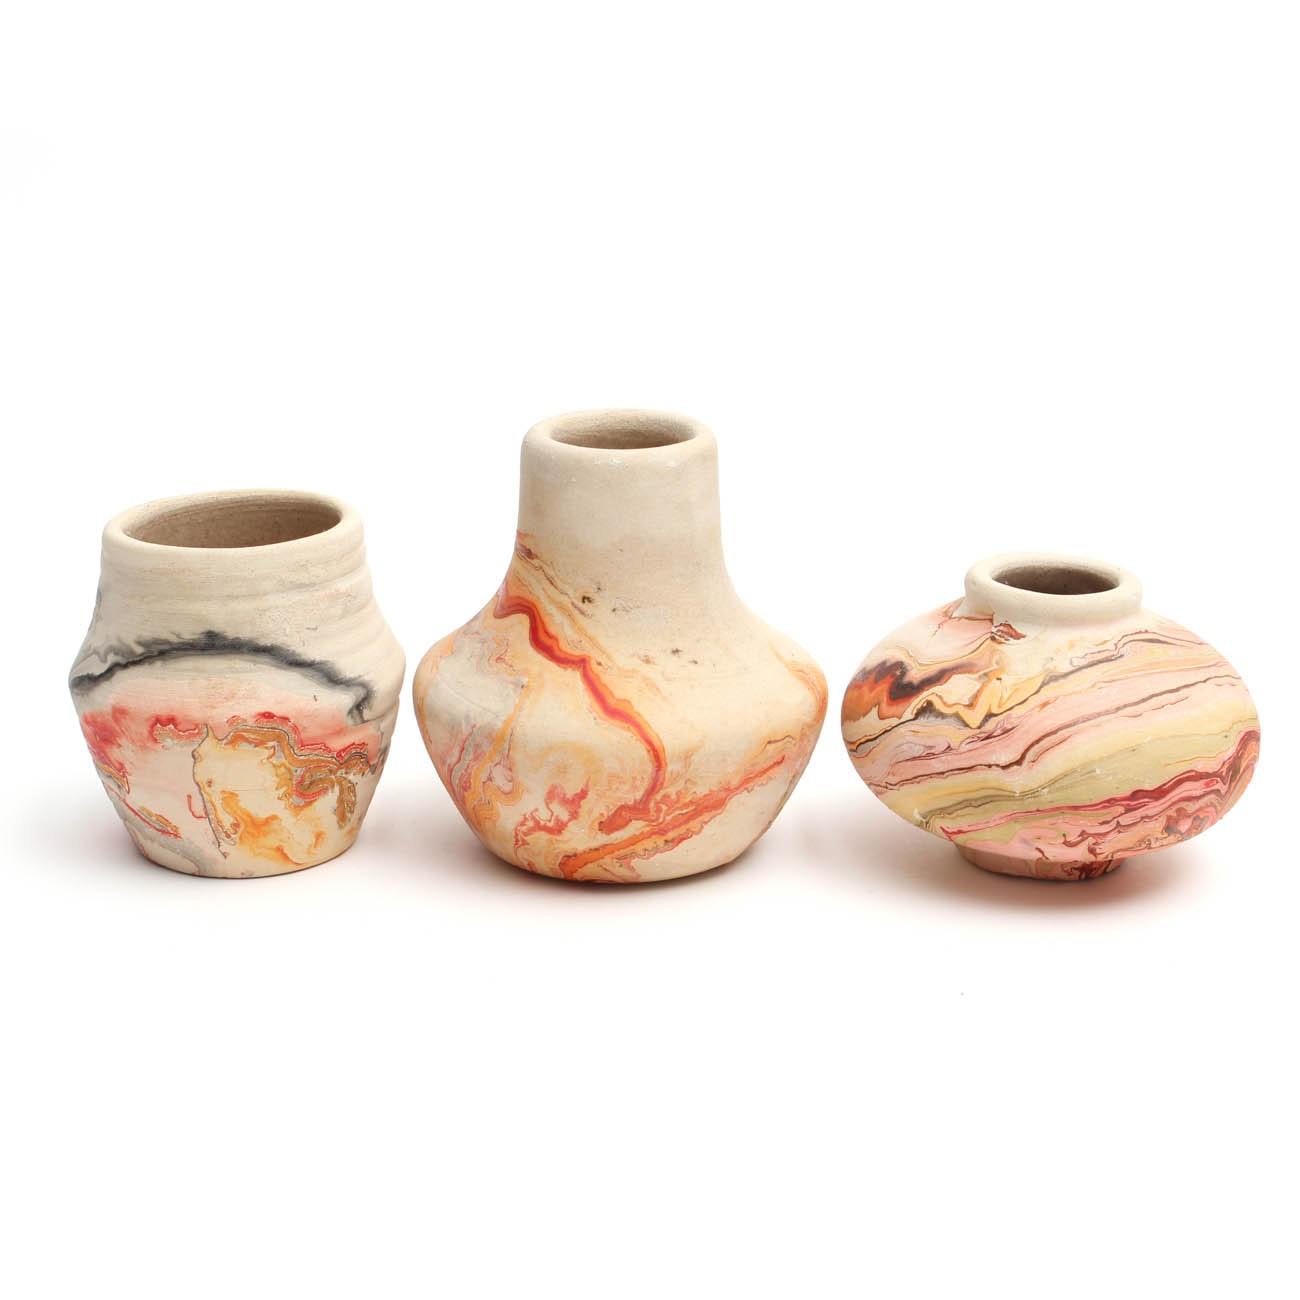 Nemadji Pottery Stoneware Vases